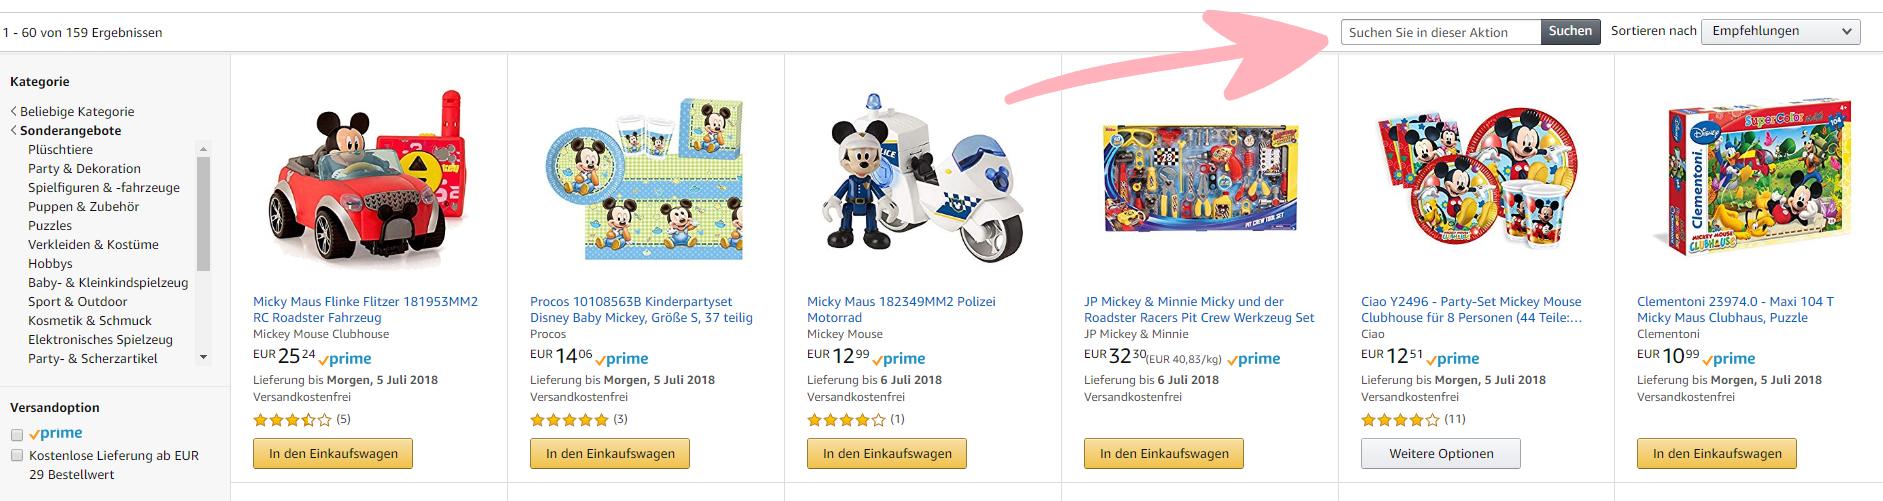 Amazon Screenshot Suchfeld